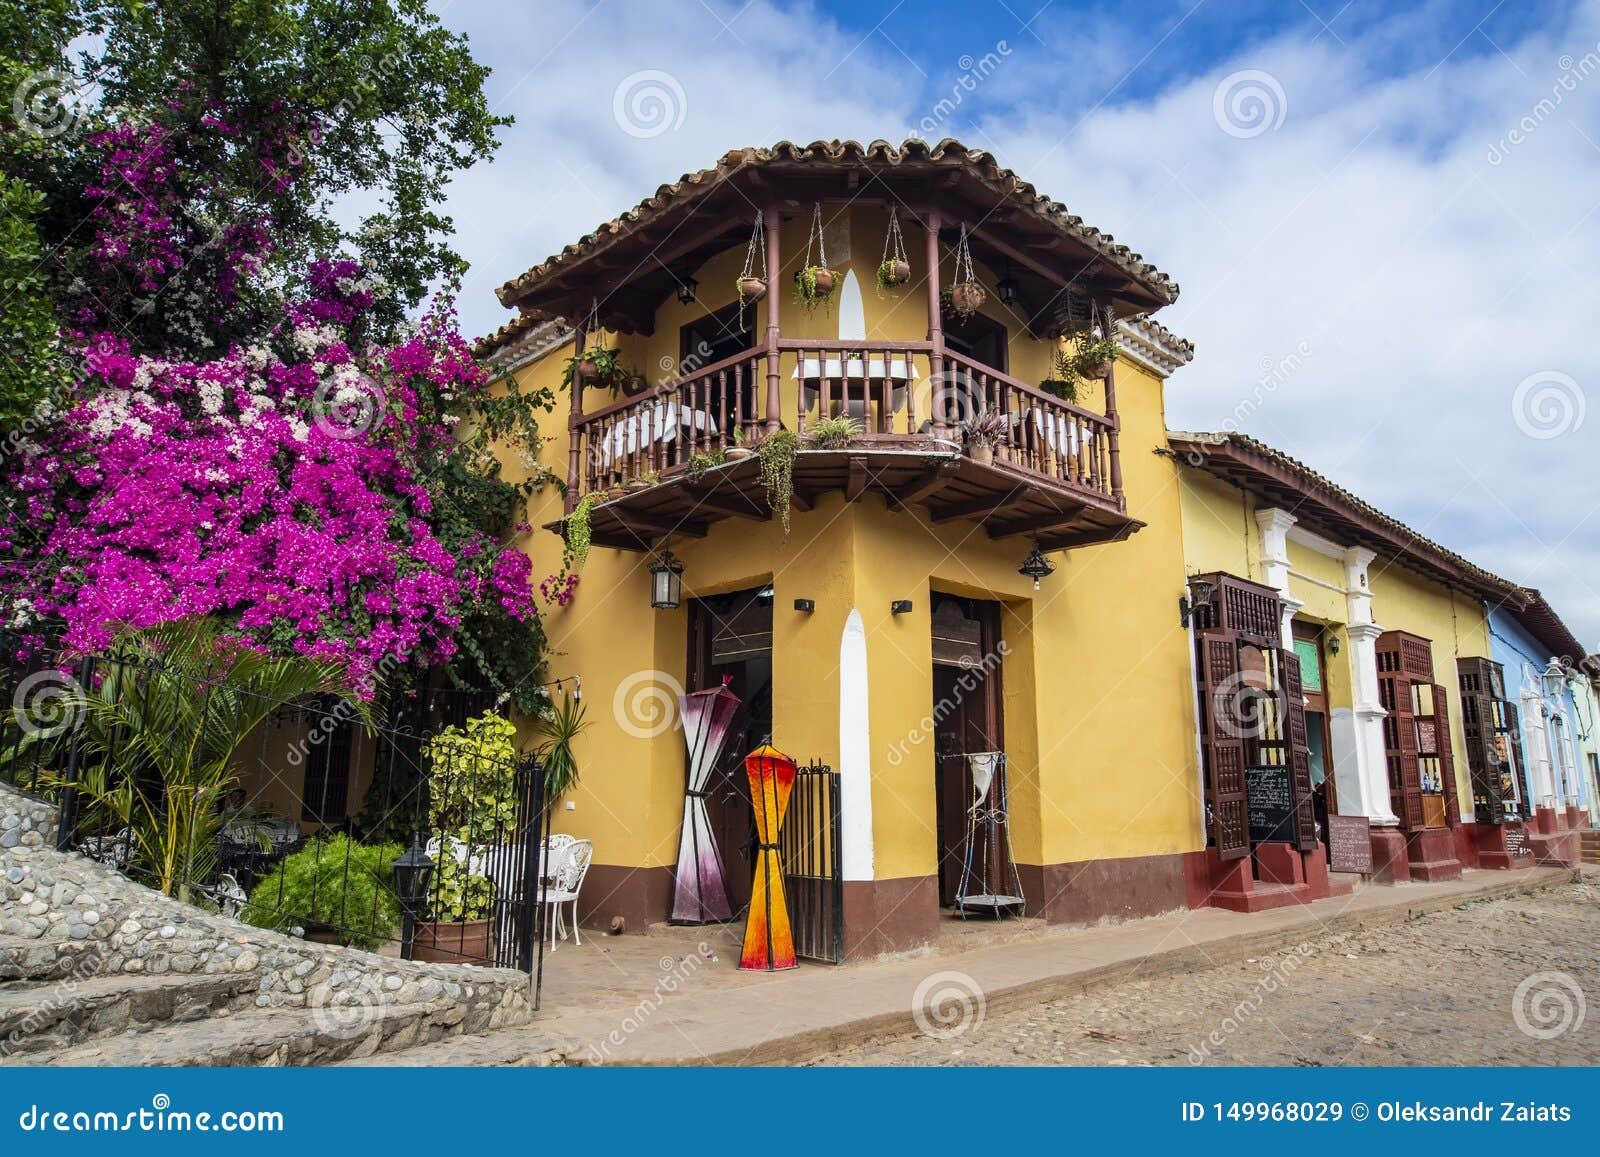 Κούβα Τρινιδάδ Γωνία του παλαιού διώροφου εστιατορίου οικοδόμησης με τα ιώδη και πορφυρά λουλούδια Όμορφος ουρανός με τα σύννεφα